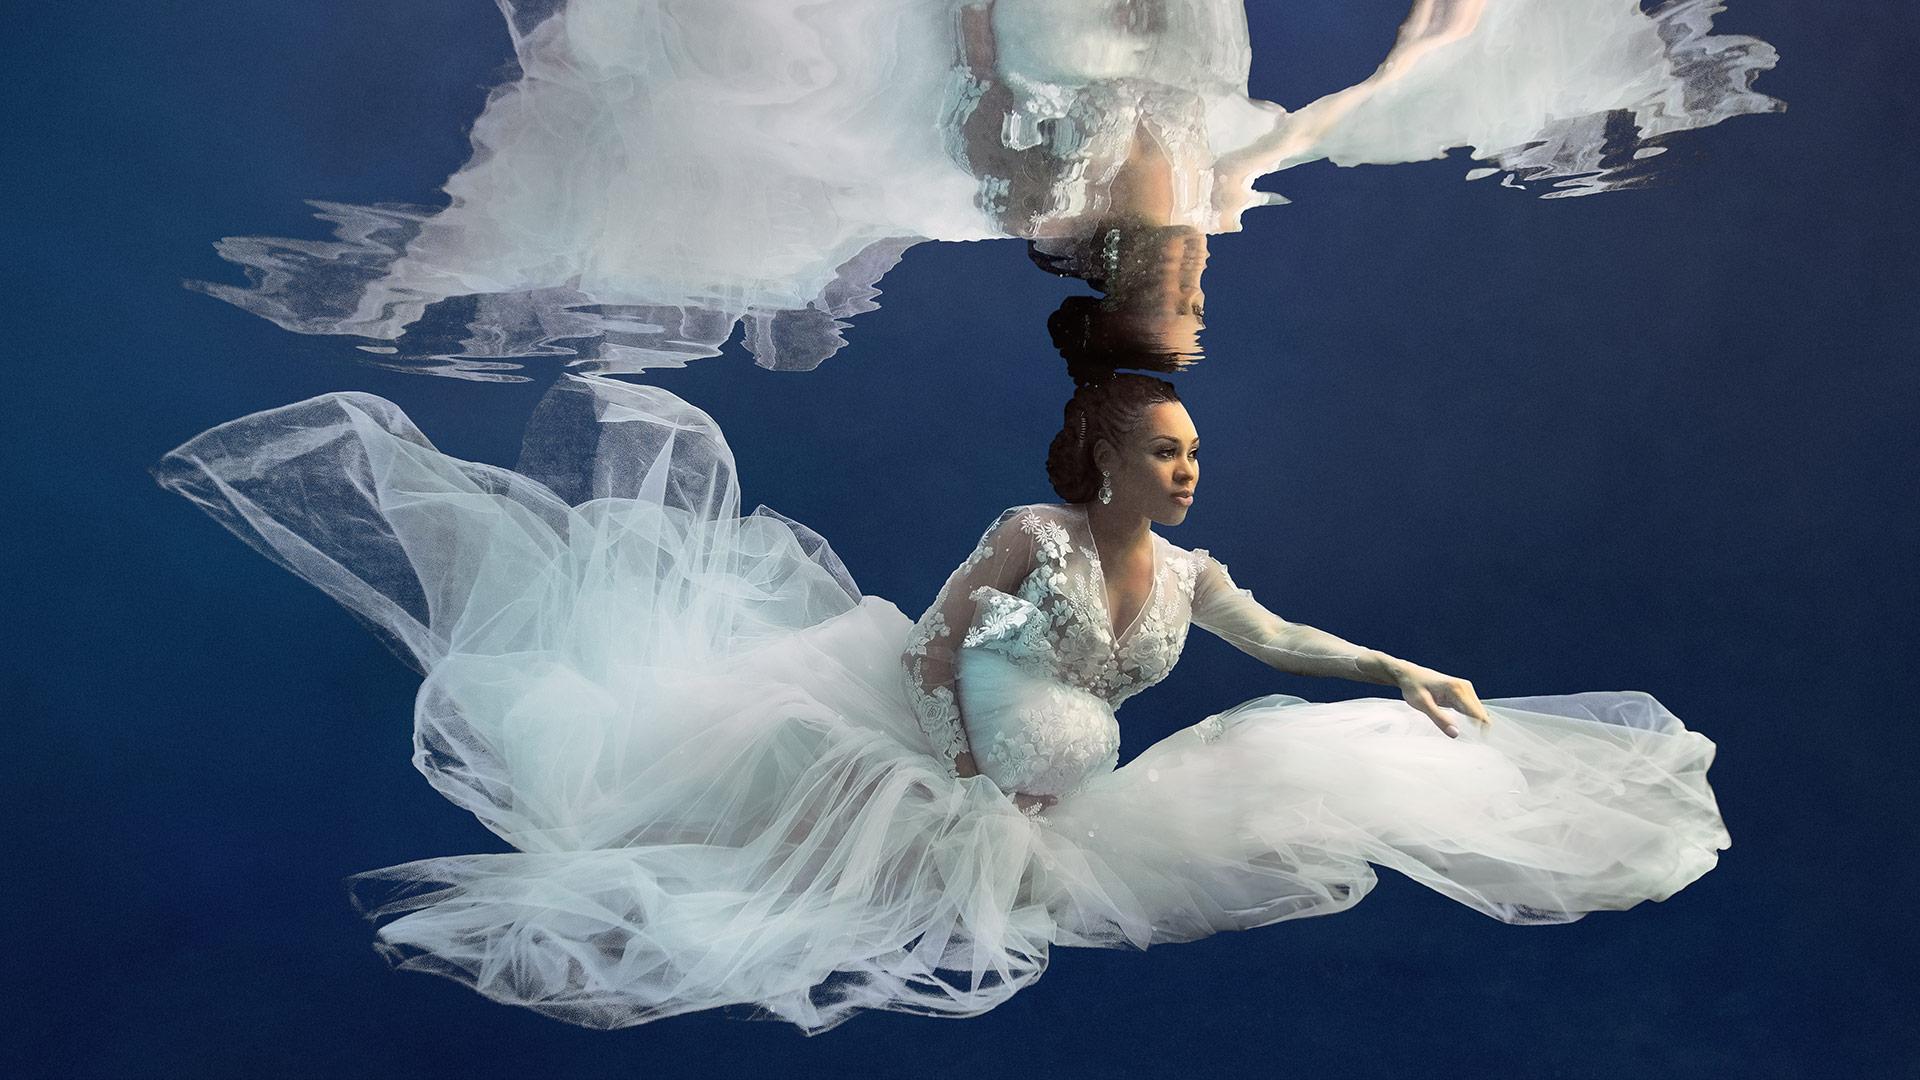 Underwater Maternity Photoshoot